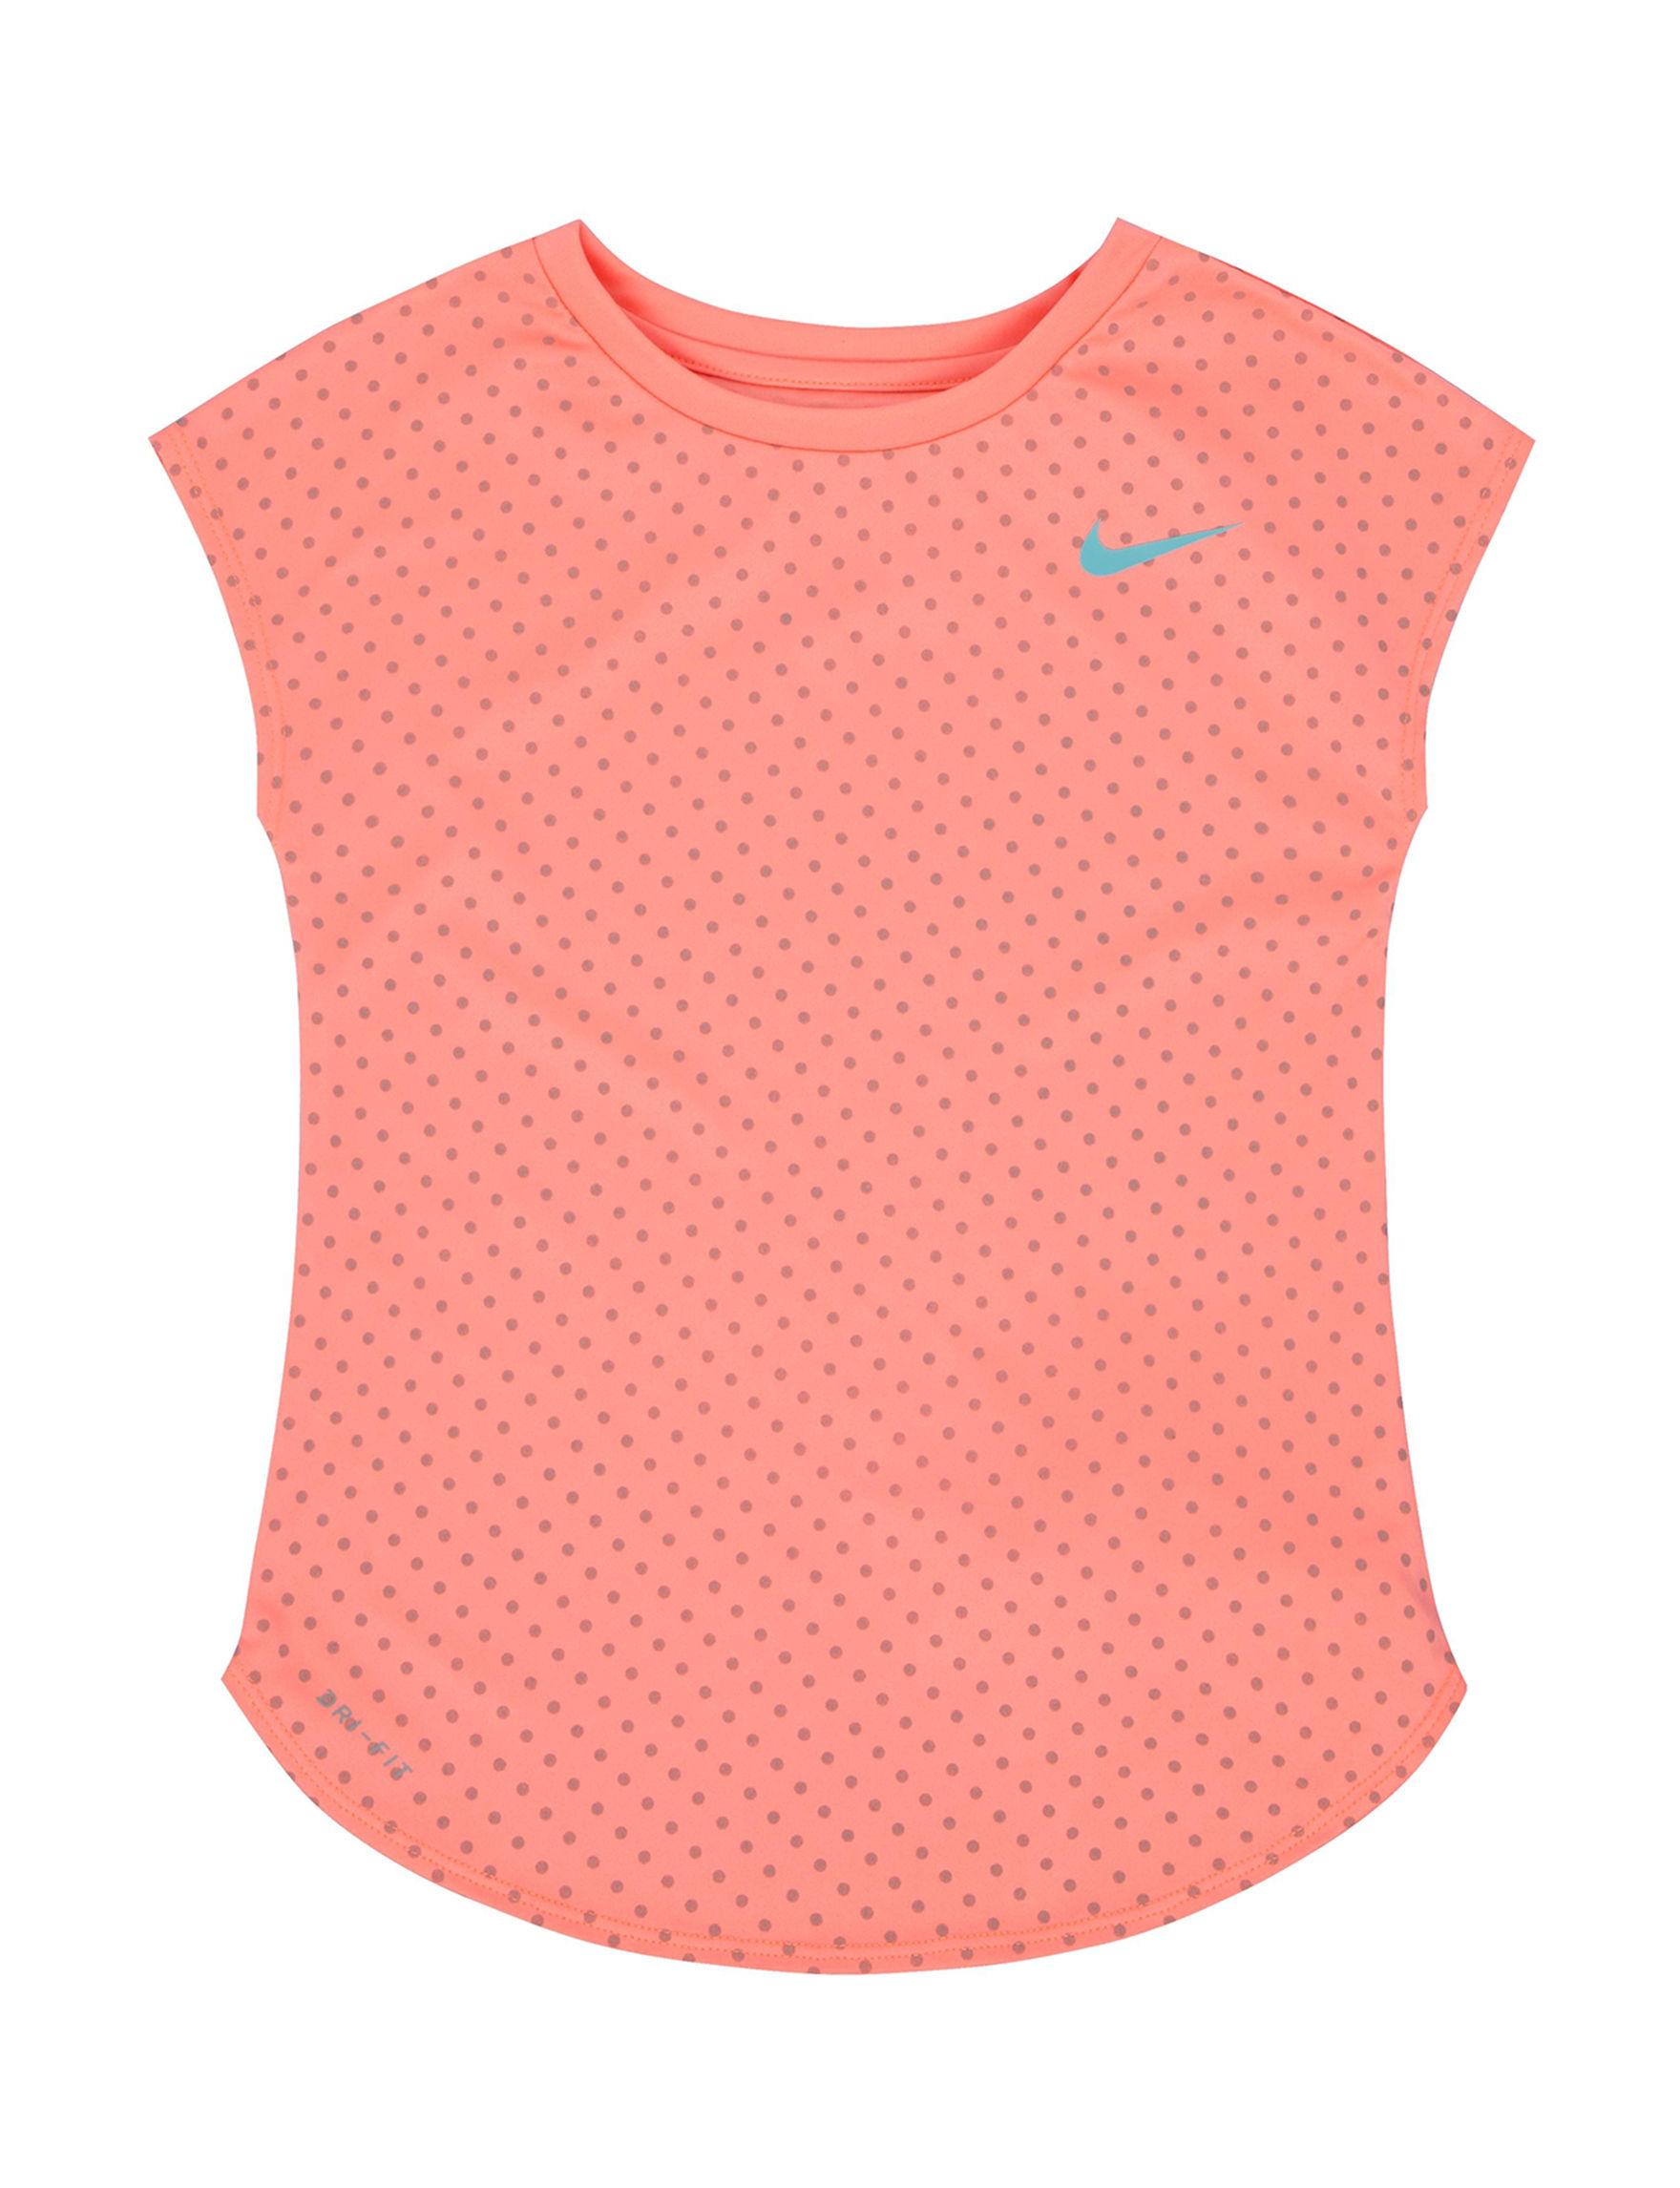 Nike Coral Tees & Tanks